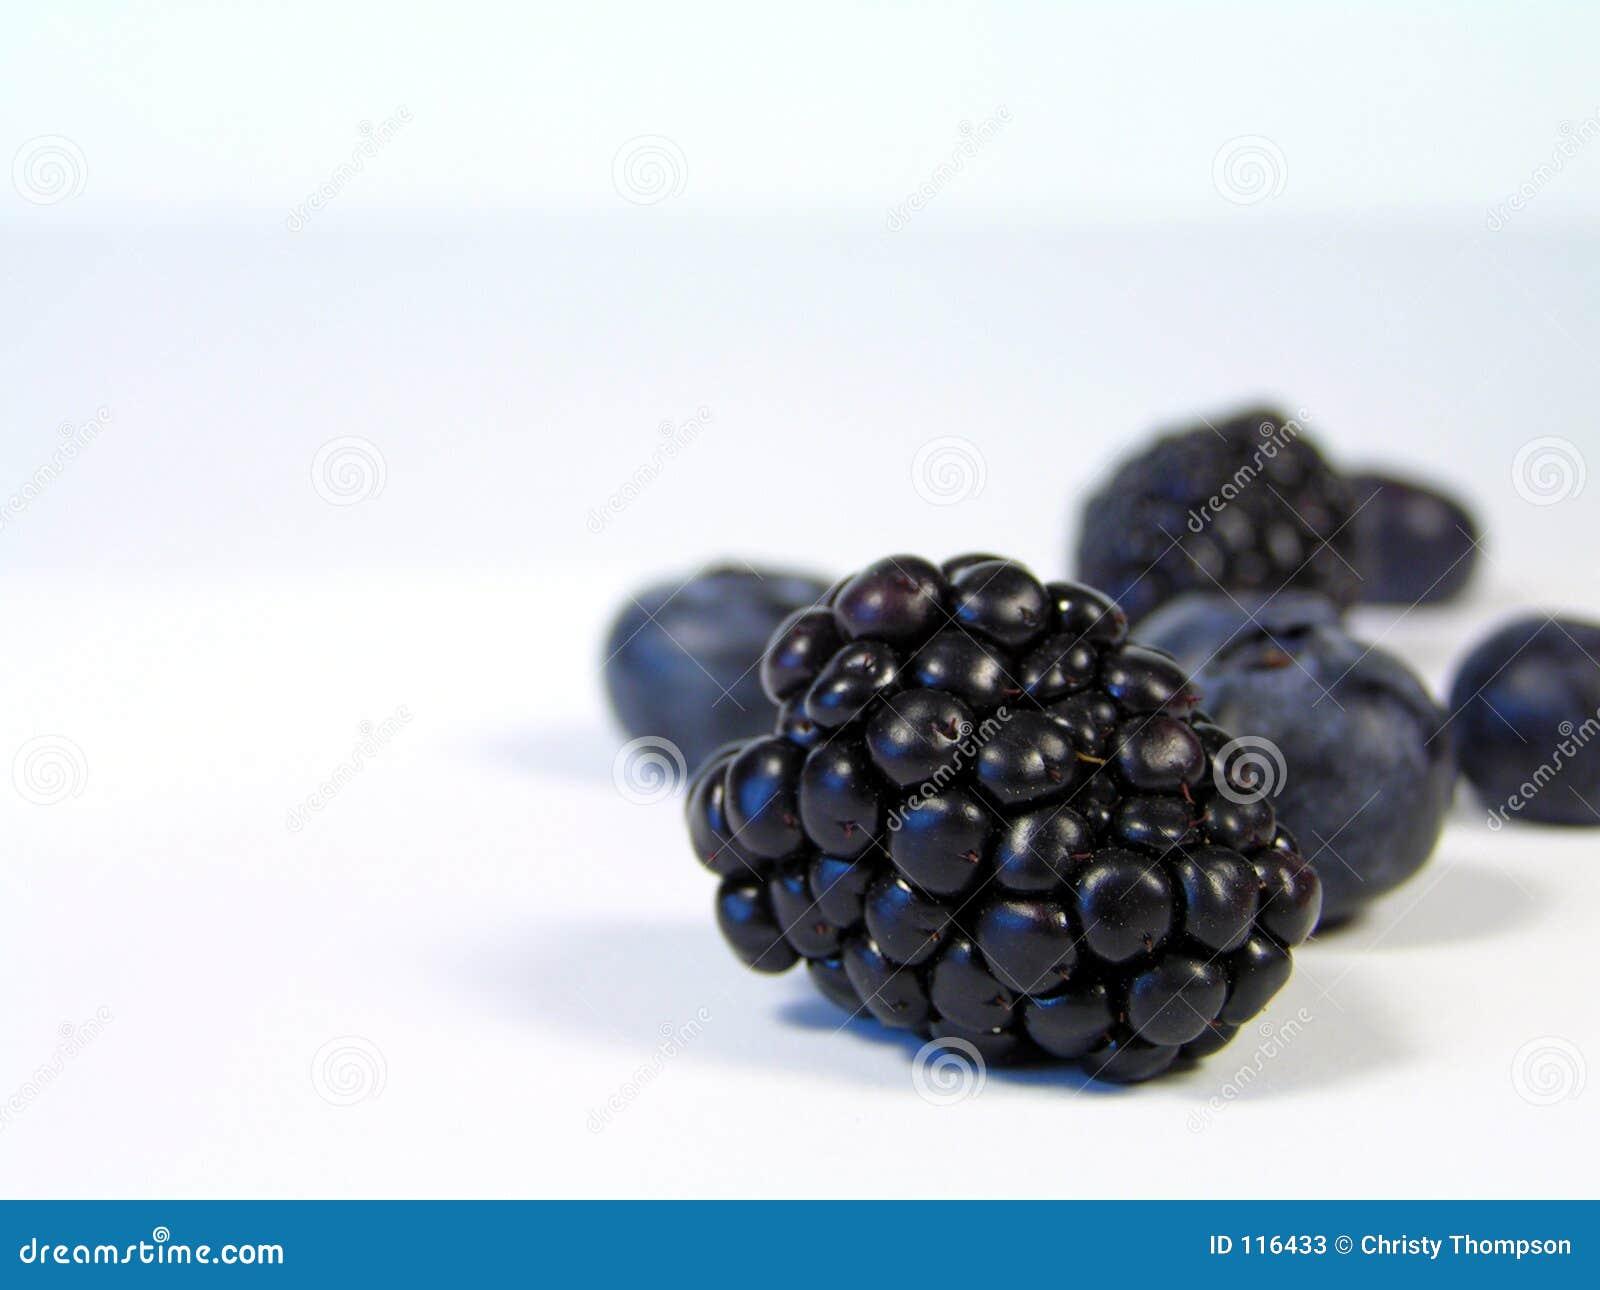 Blackberry focus